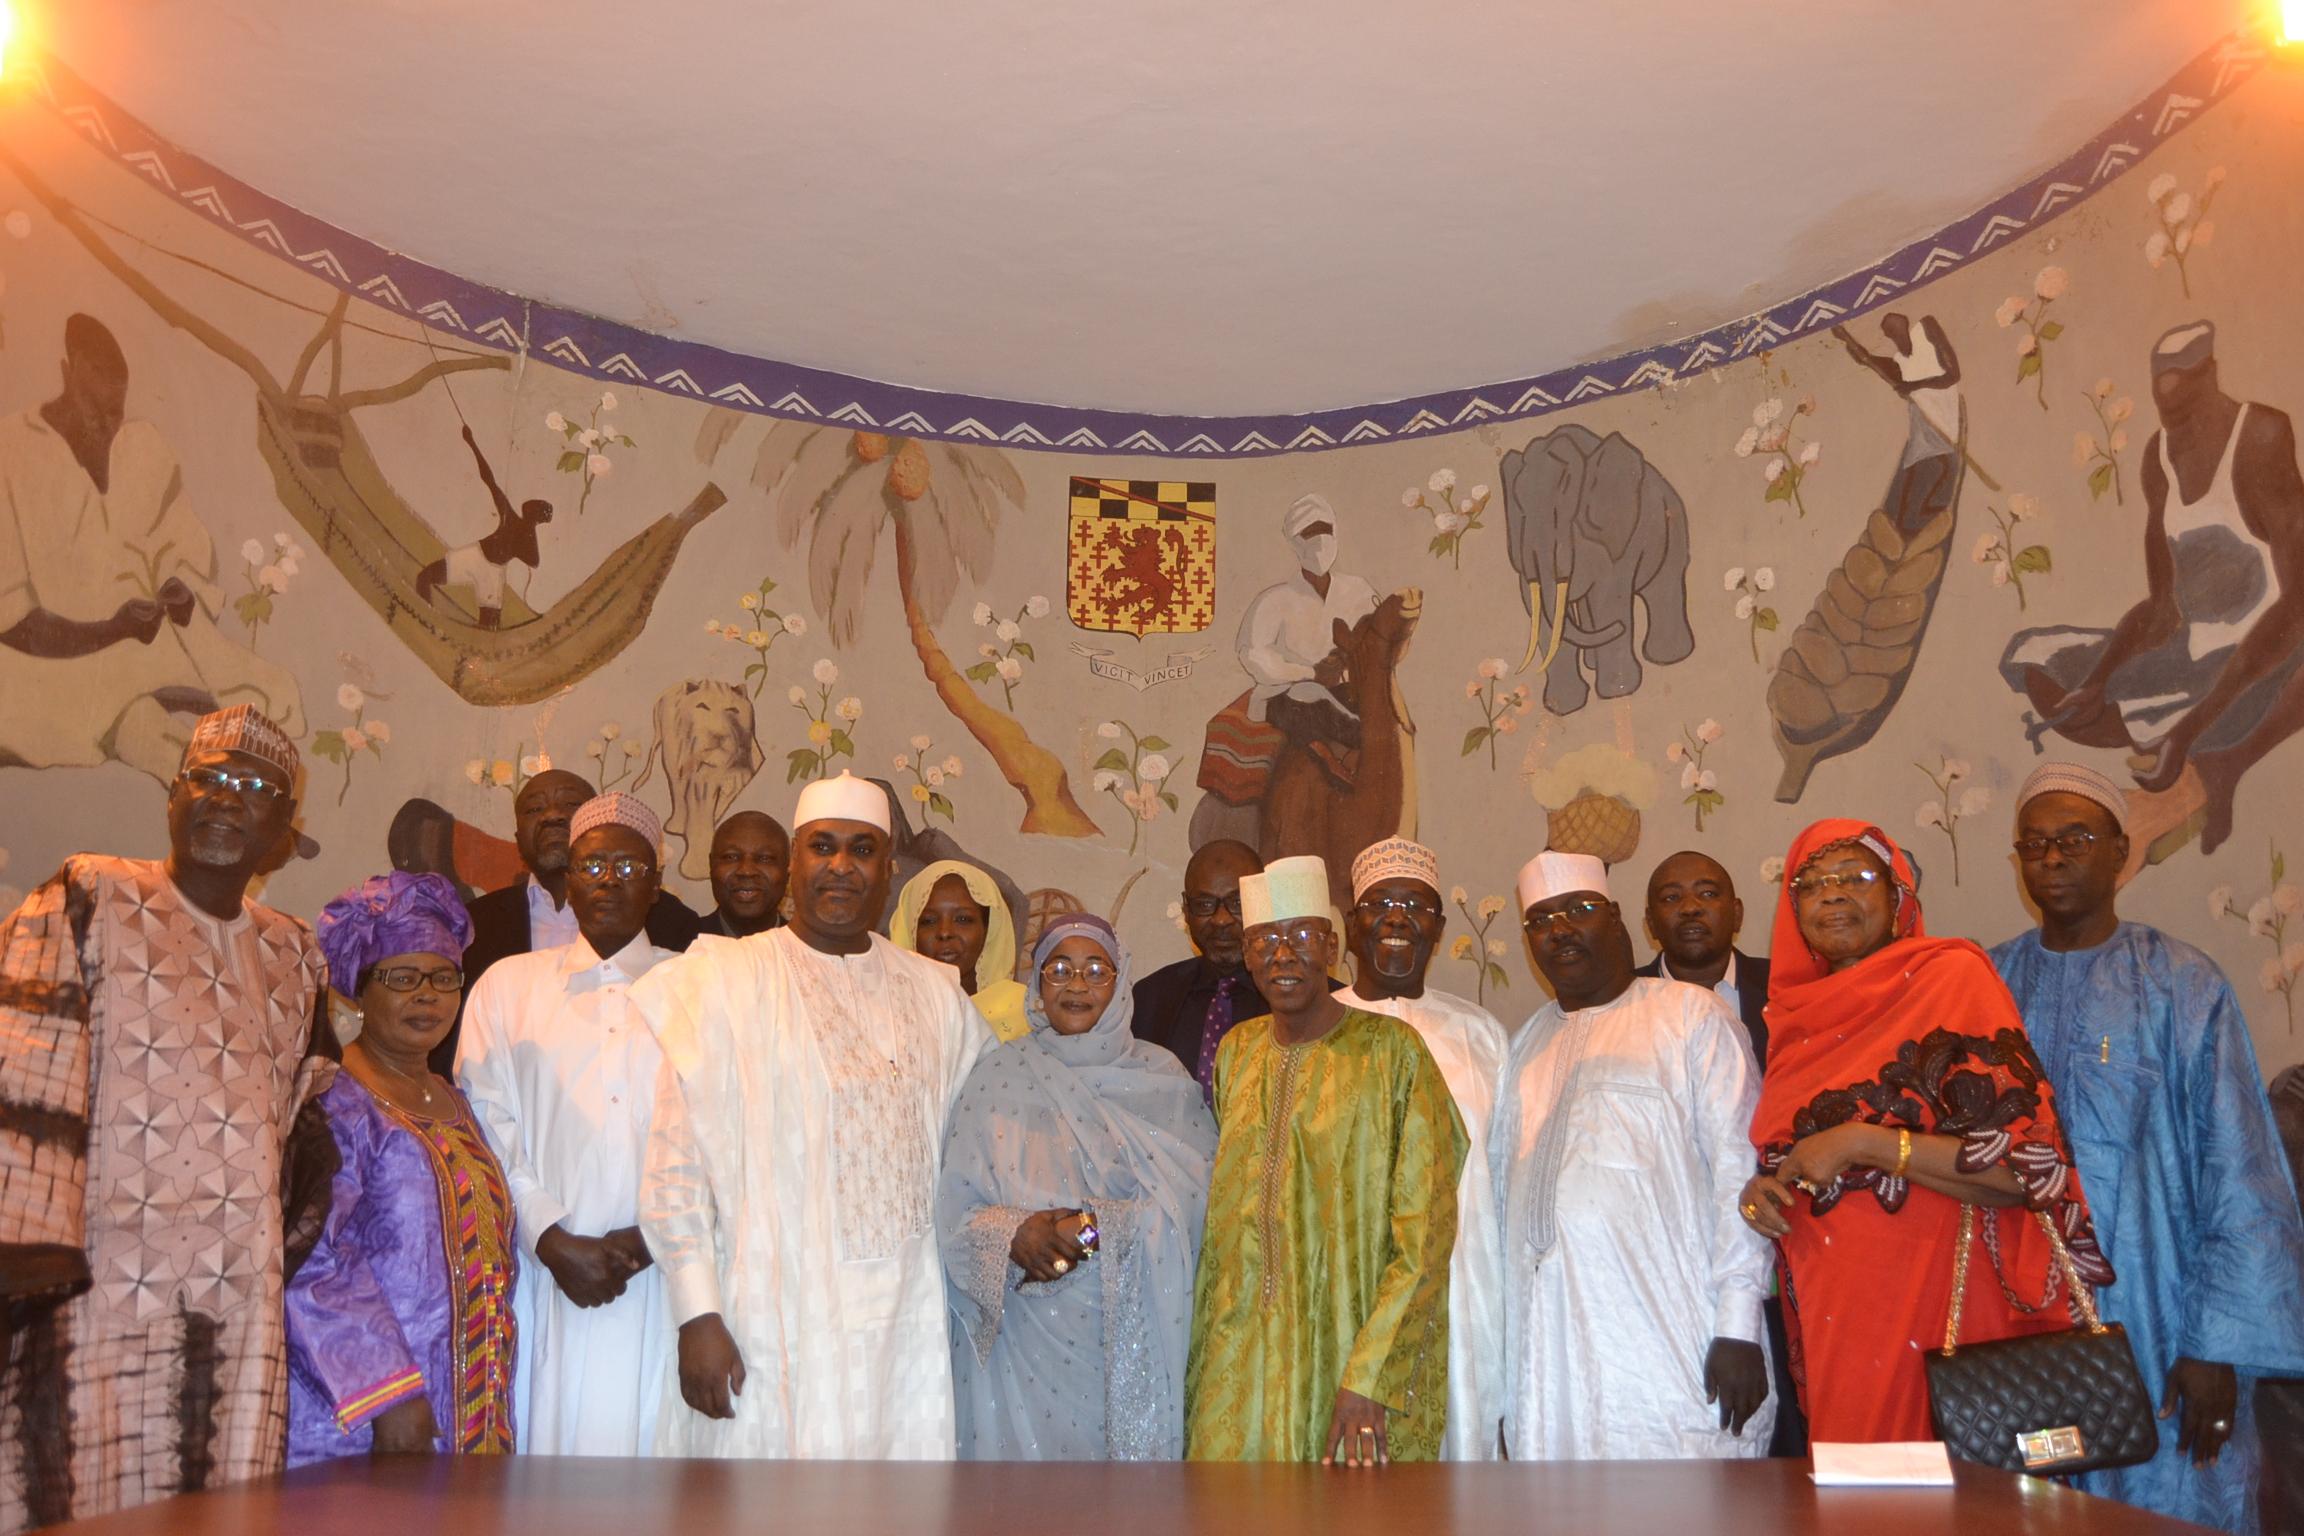 La nouvelle équipe dirigeante de la chambre de commerce du Tchad est installée